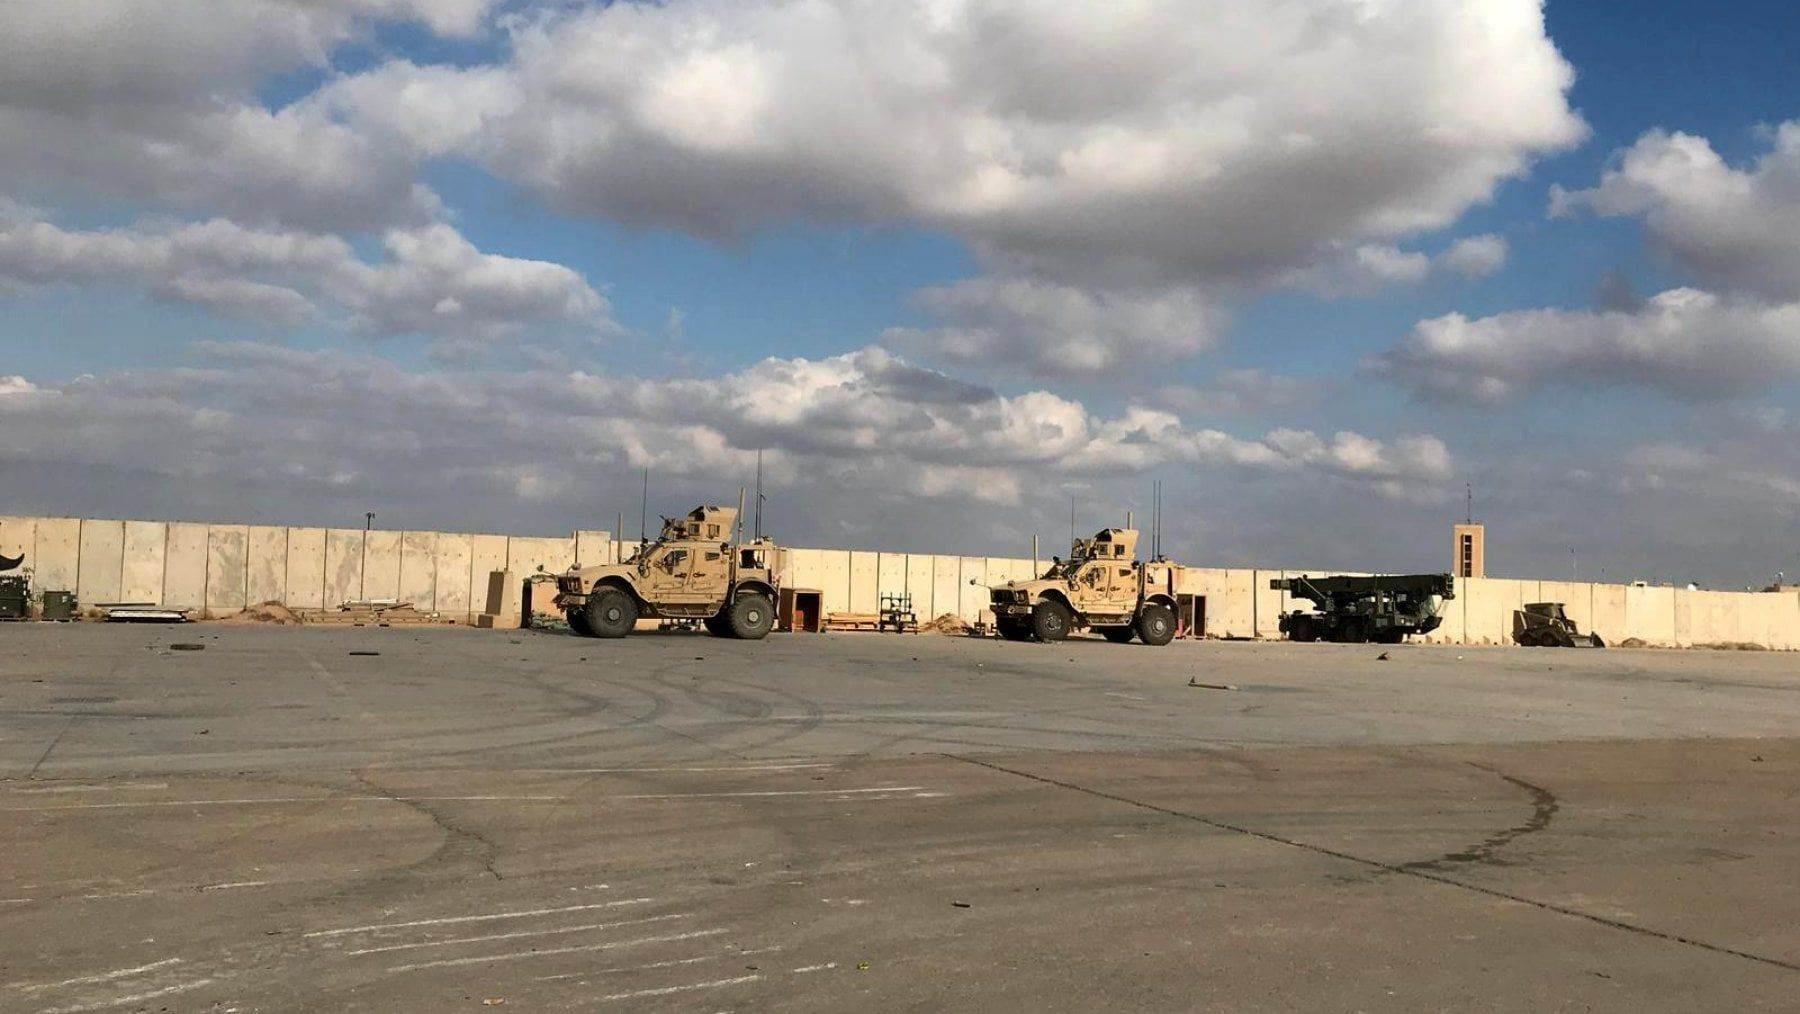 صاروخا كاتيوشا سقطا على معسكر التاجي العراقي وقيادة العمليات تعلّق